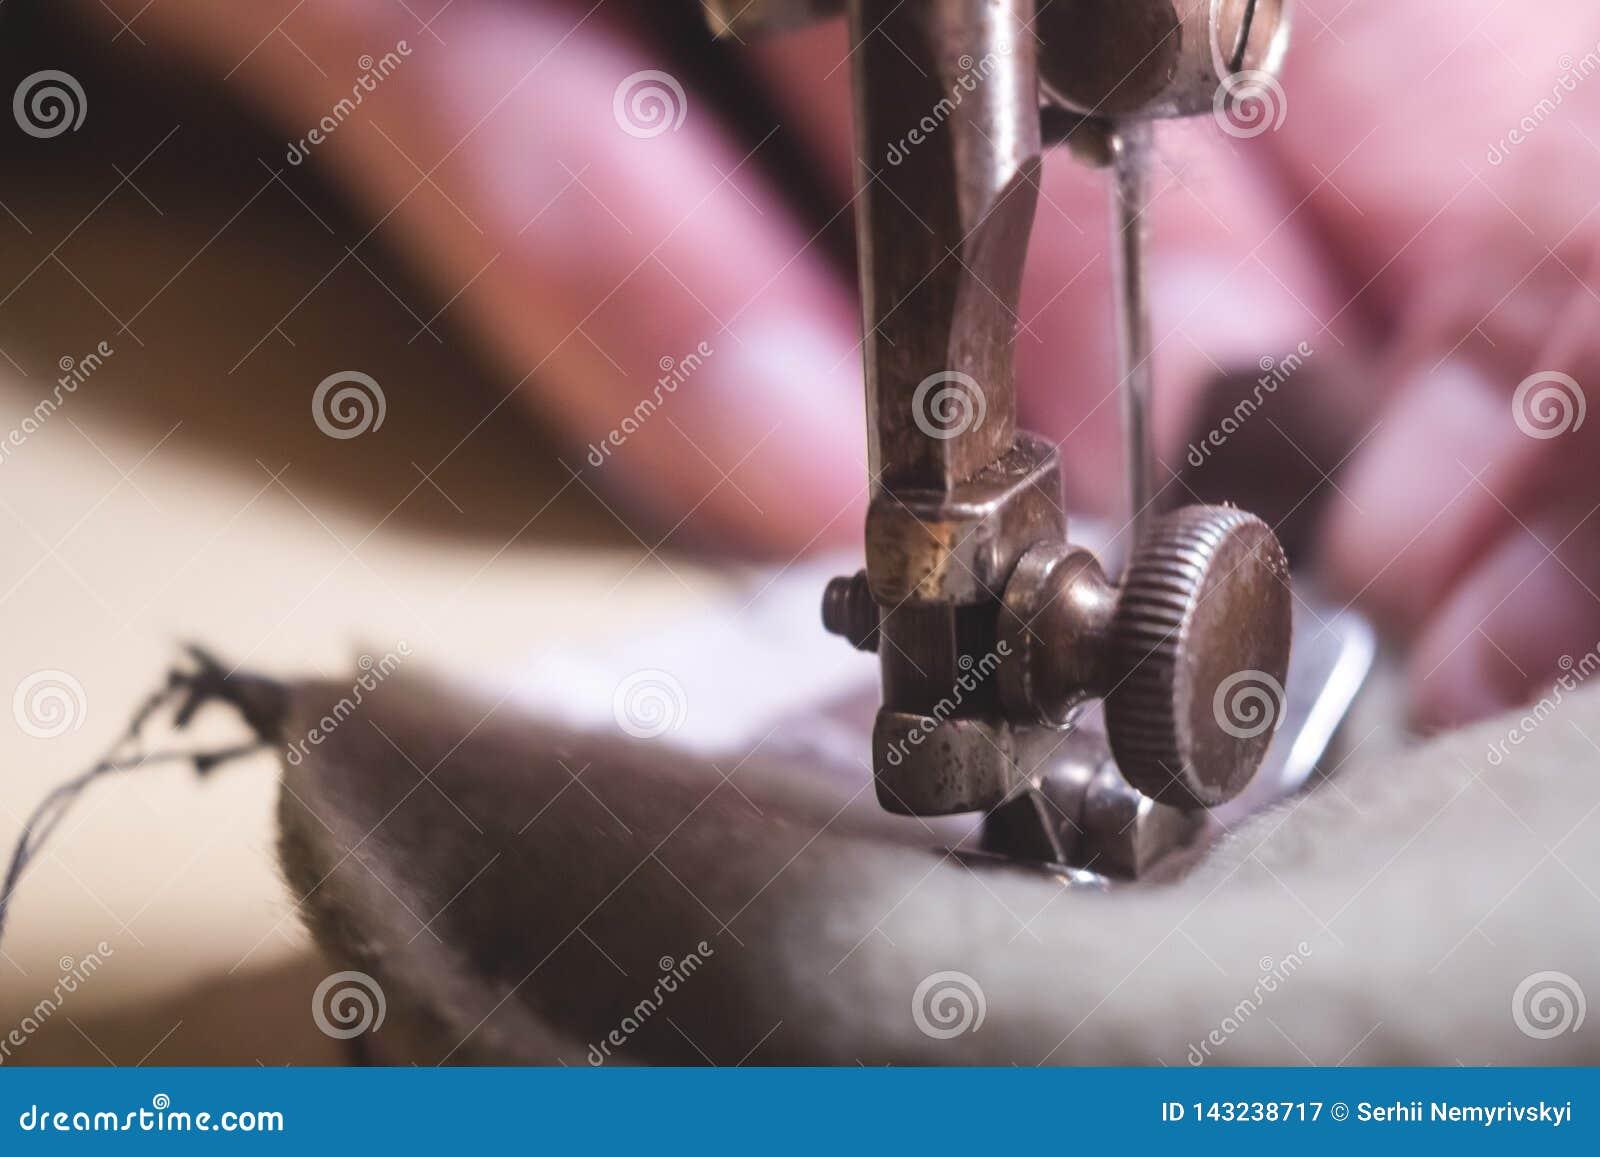 皮带的缝合的过程 在缝合后的老人的手 皮革车间 纺织品葡萄酒缝合工业